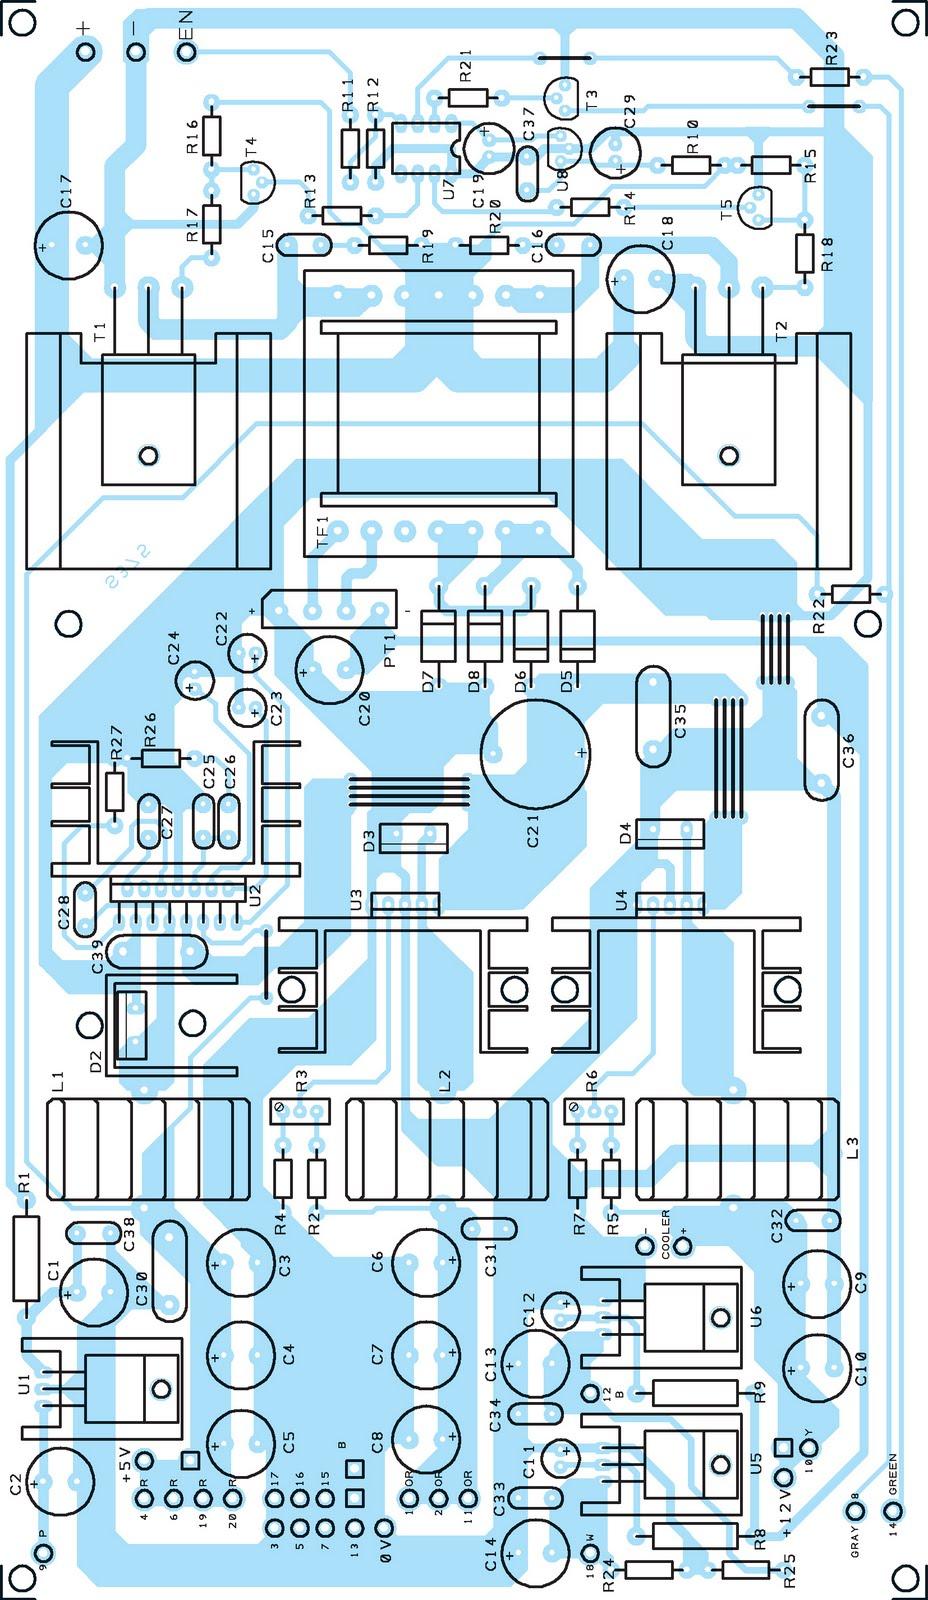 Une alimentation atx pour pc partir d une batterie de voiture 12 volts schema electronique net - Schema d implantation electrique ...